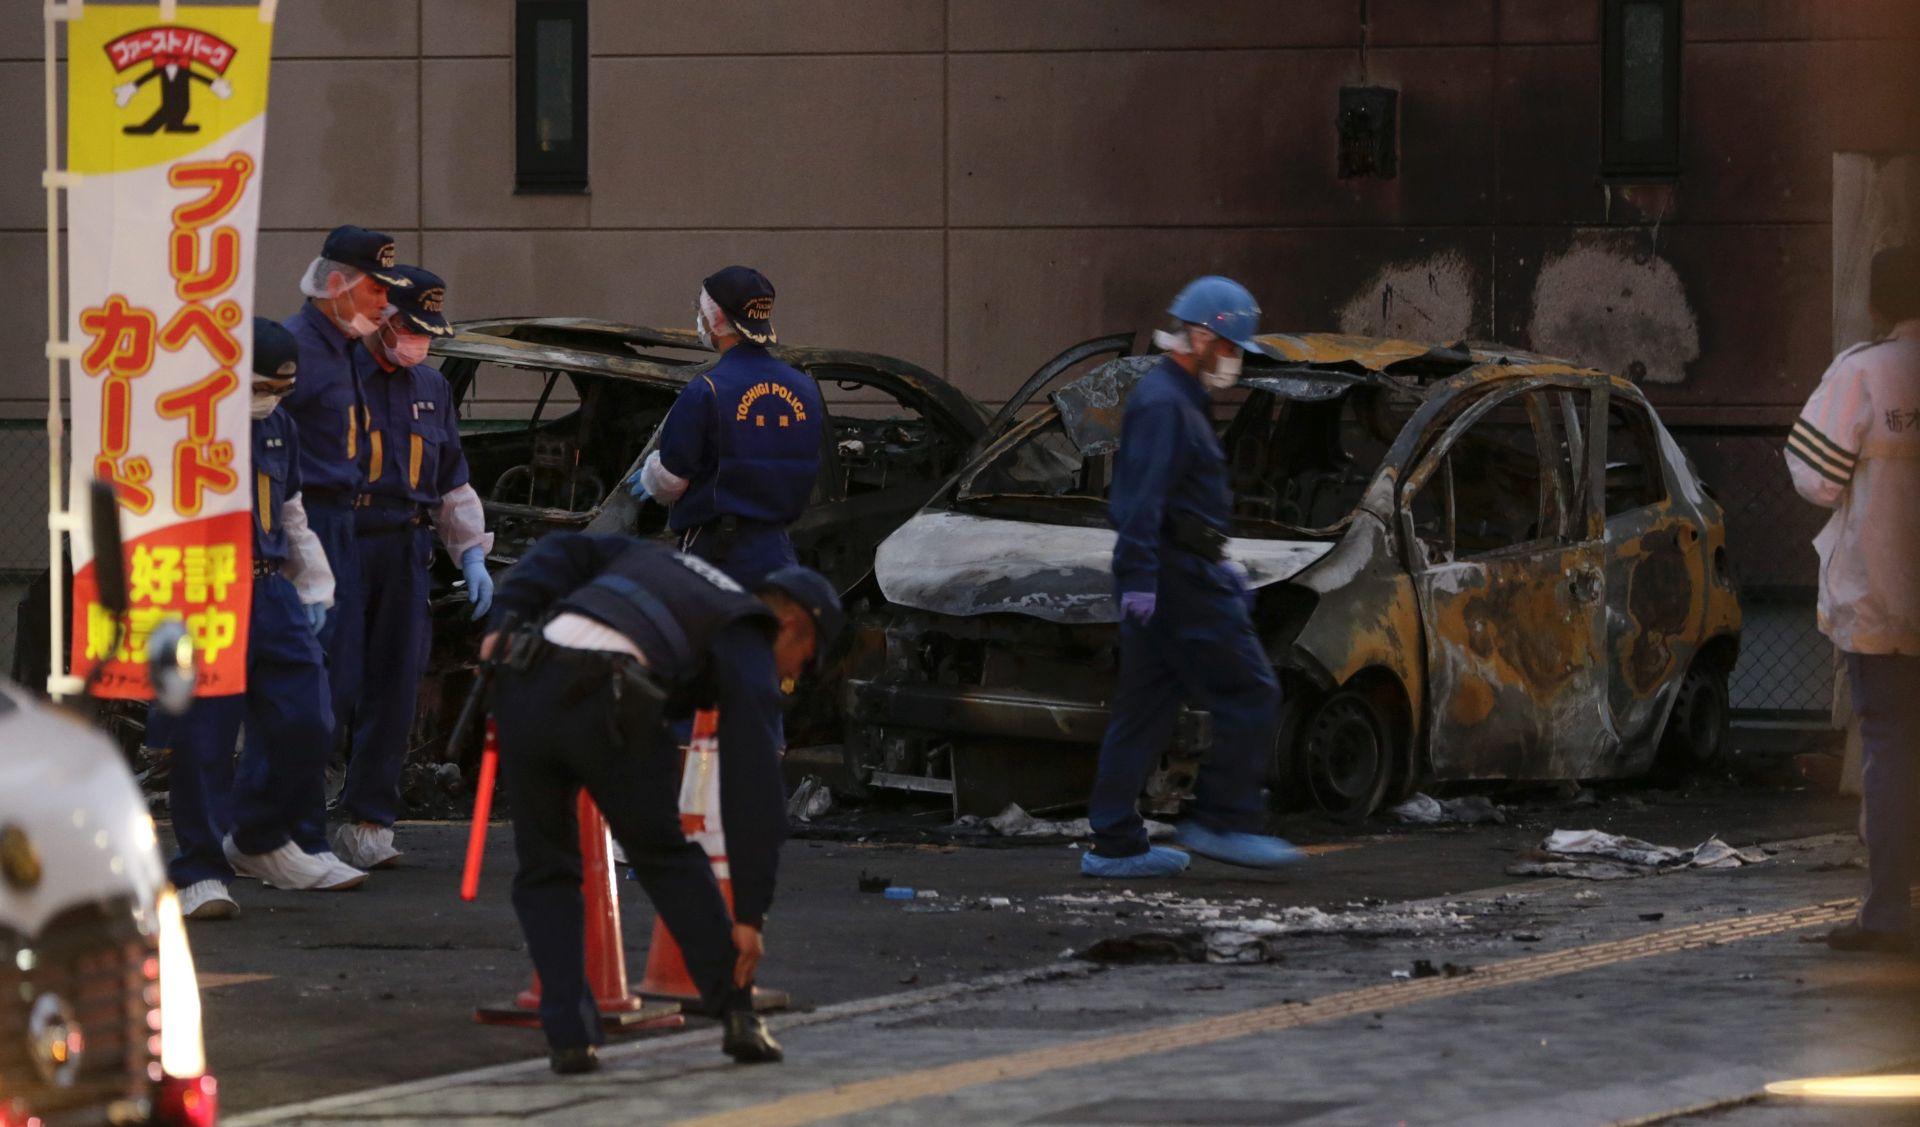 JAPAN Serija eksplozija u gradskom parku, poginula jedna osoba